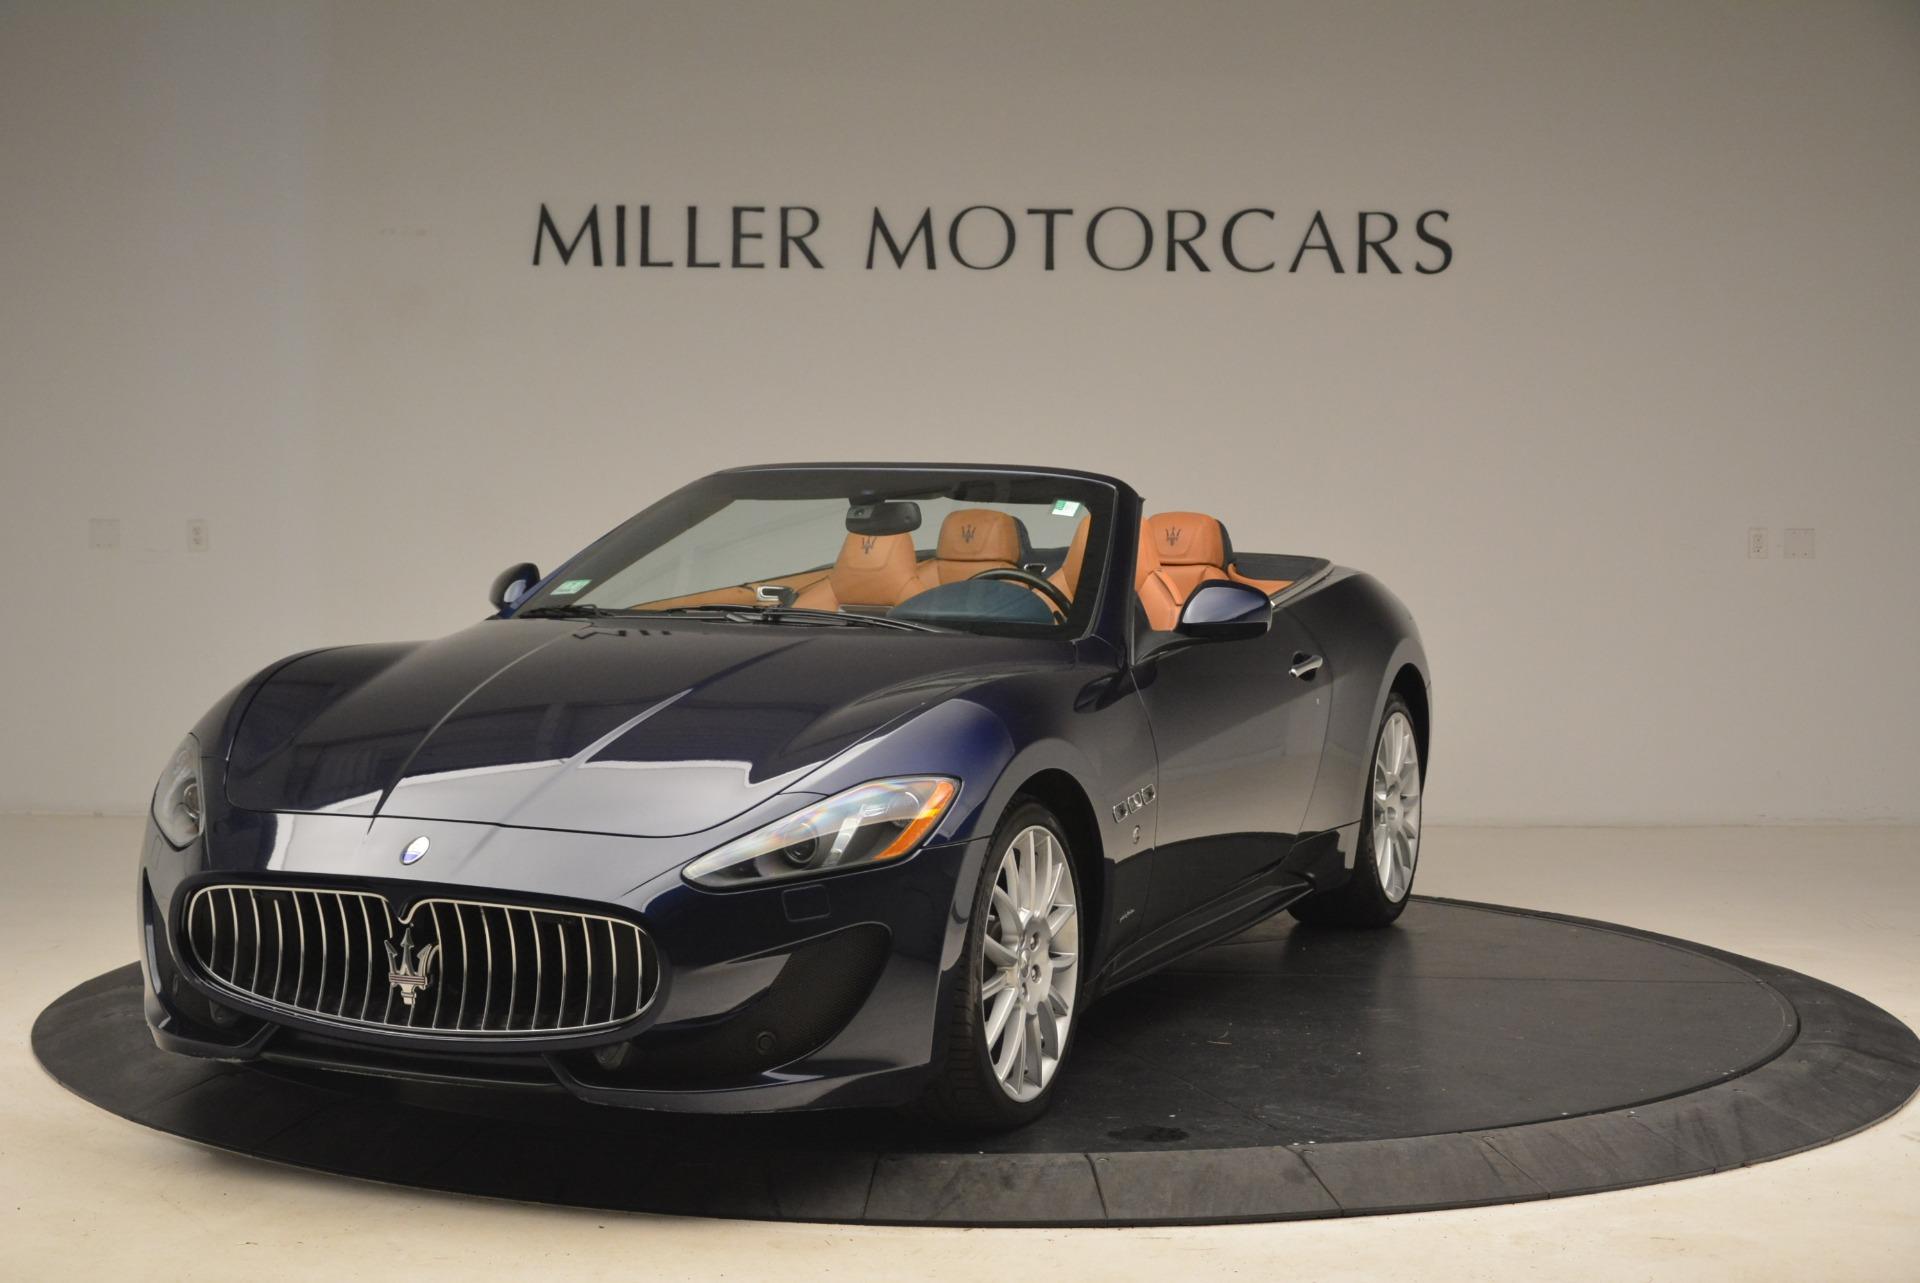 Used 2014 Maserati GranTurismo Sport for sale Sold at Bugatti of Greenwich in Greenwich CT 06830 1